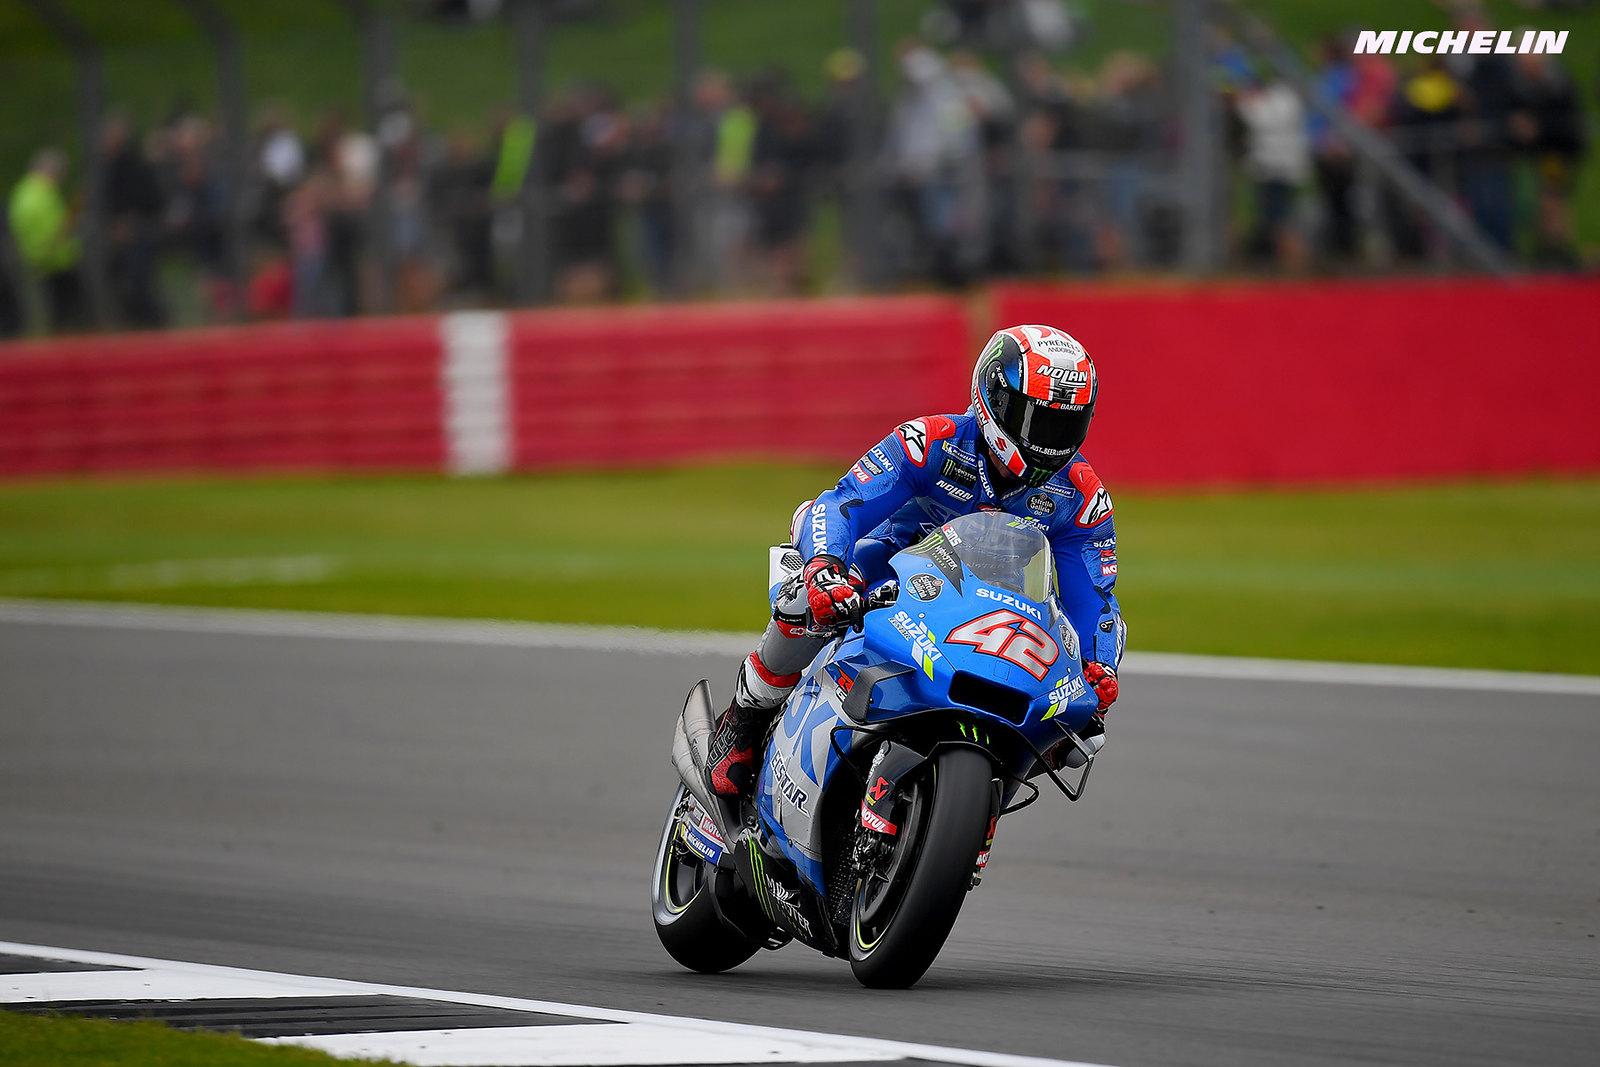 MotoGP2021イギリスGP 予選10位アレックス・リンス「2019年のような結果を求めていきたい」